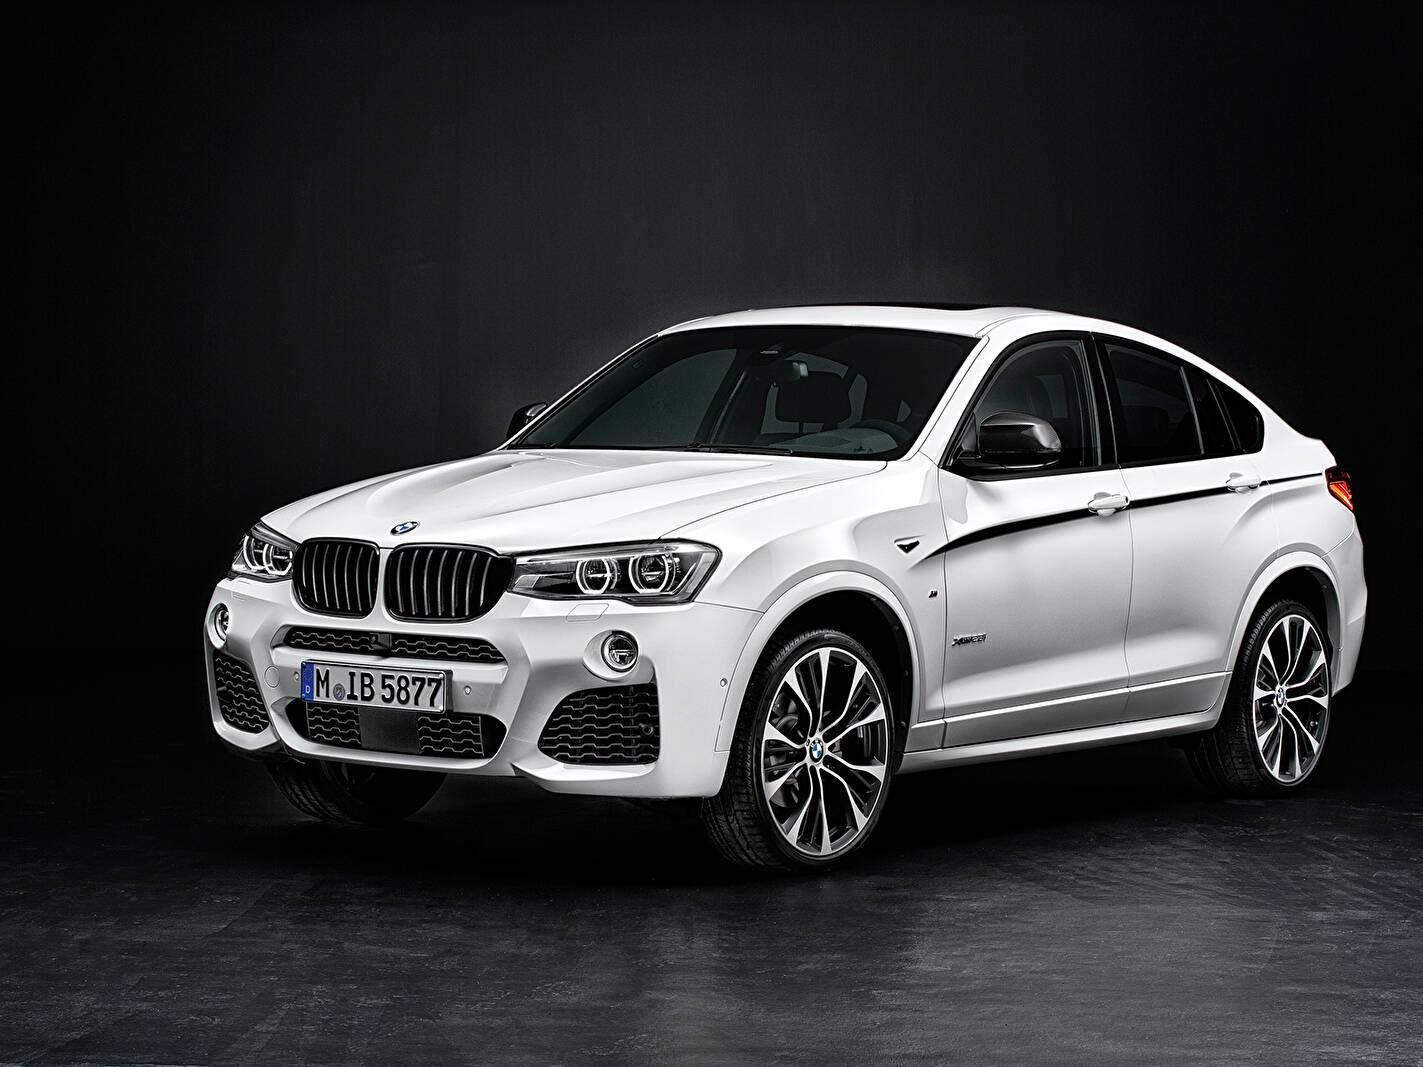 Fiche technique BMW X4 xDrive28i (F26) (2014-2018)